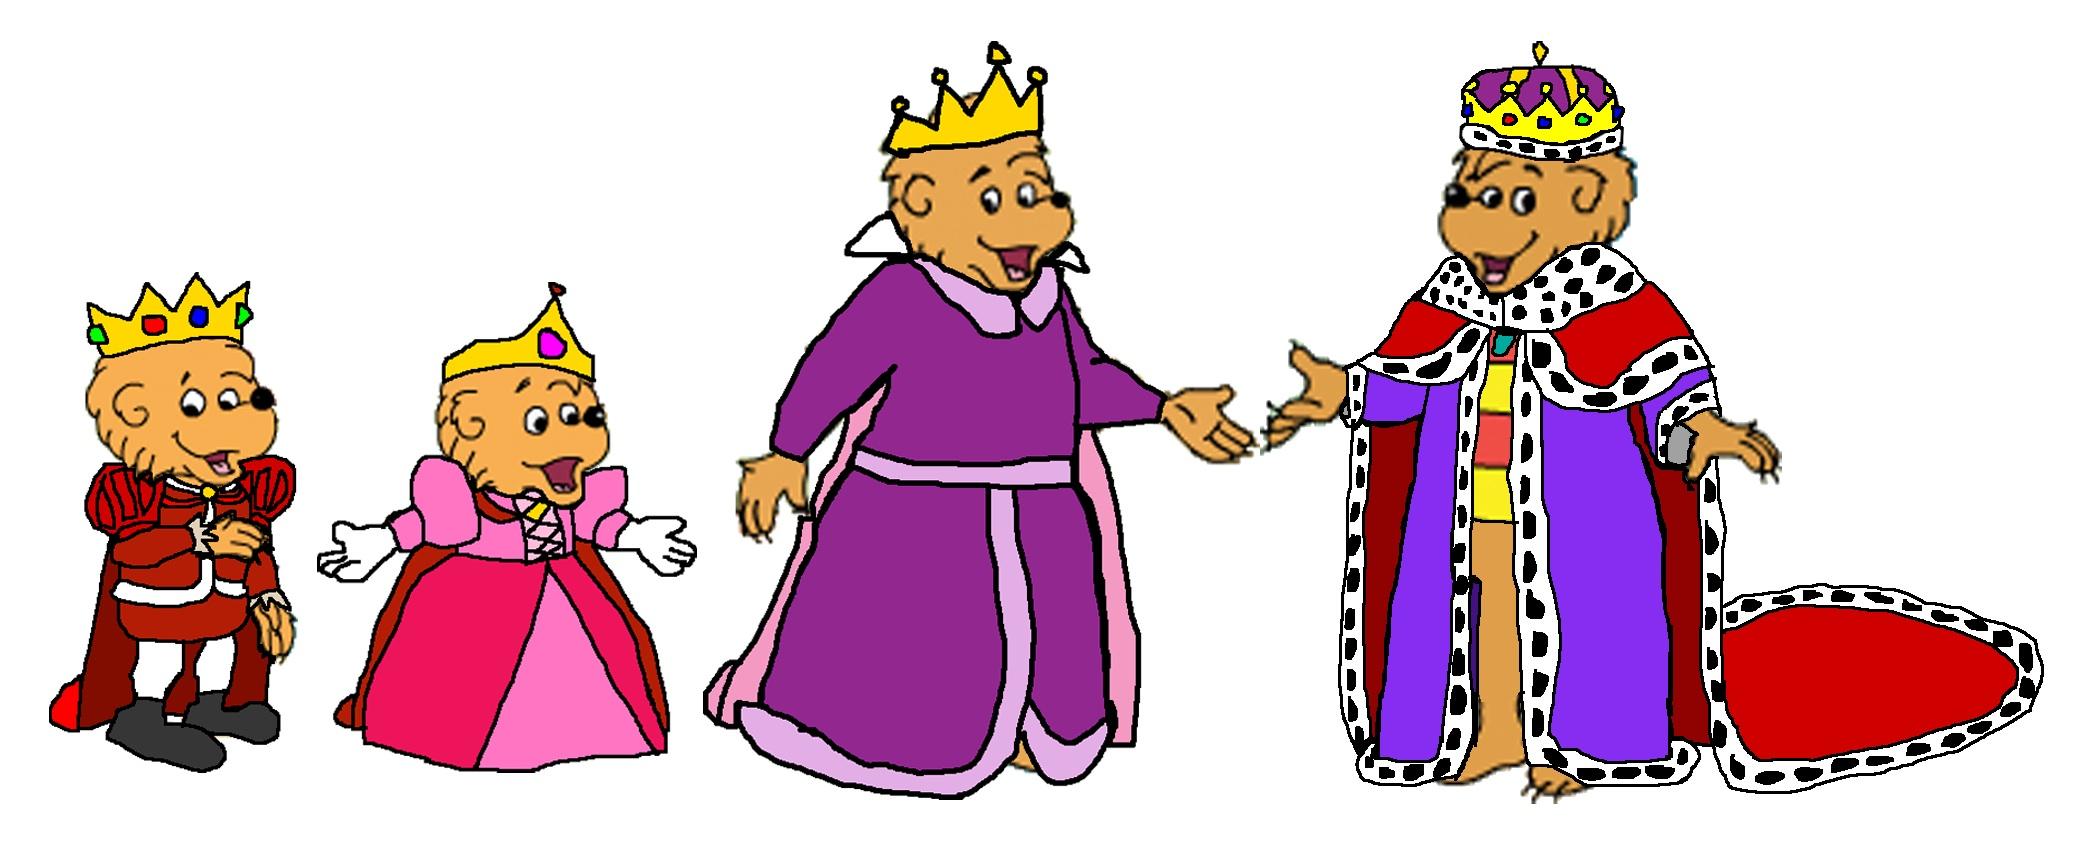 Berenstain Bears Royal Family by KingLeonLionheart on DeviantArt.